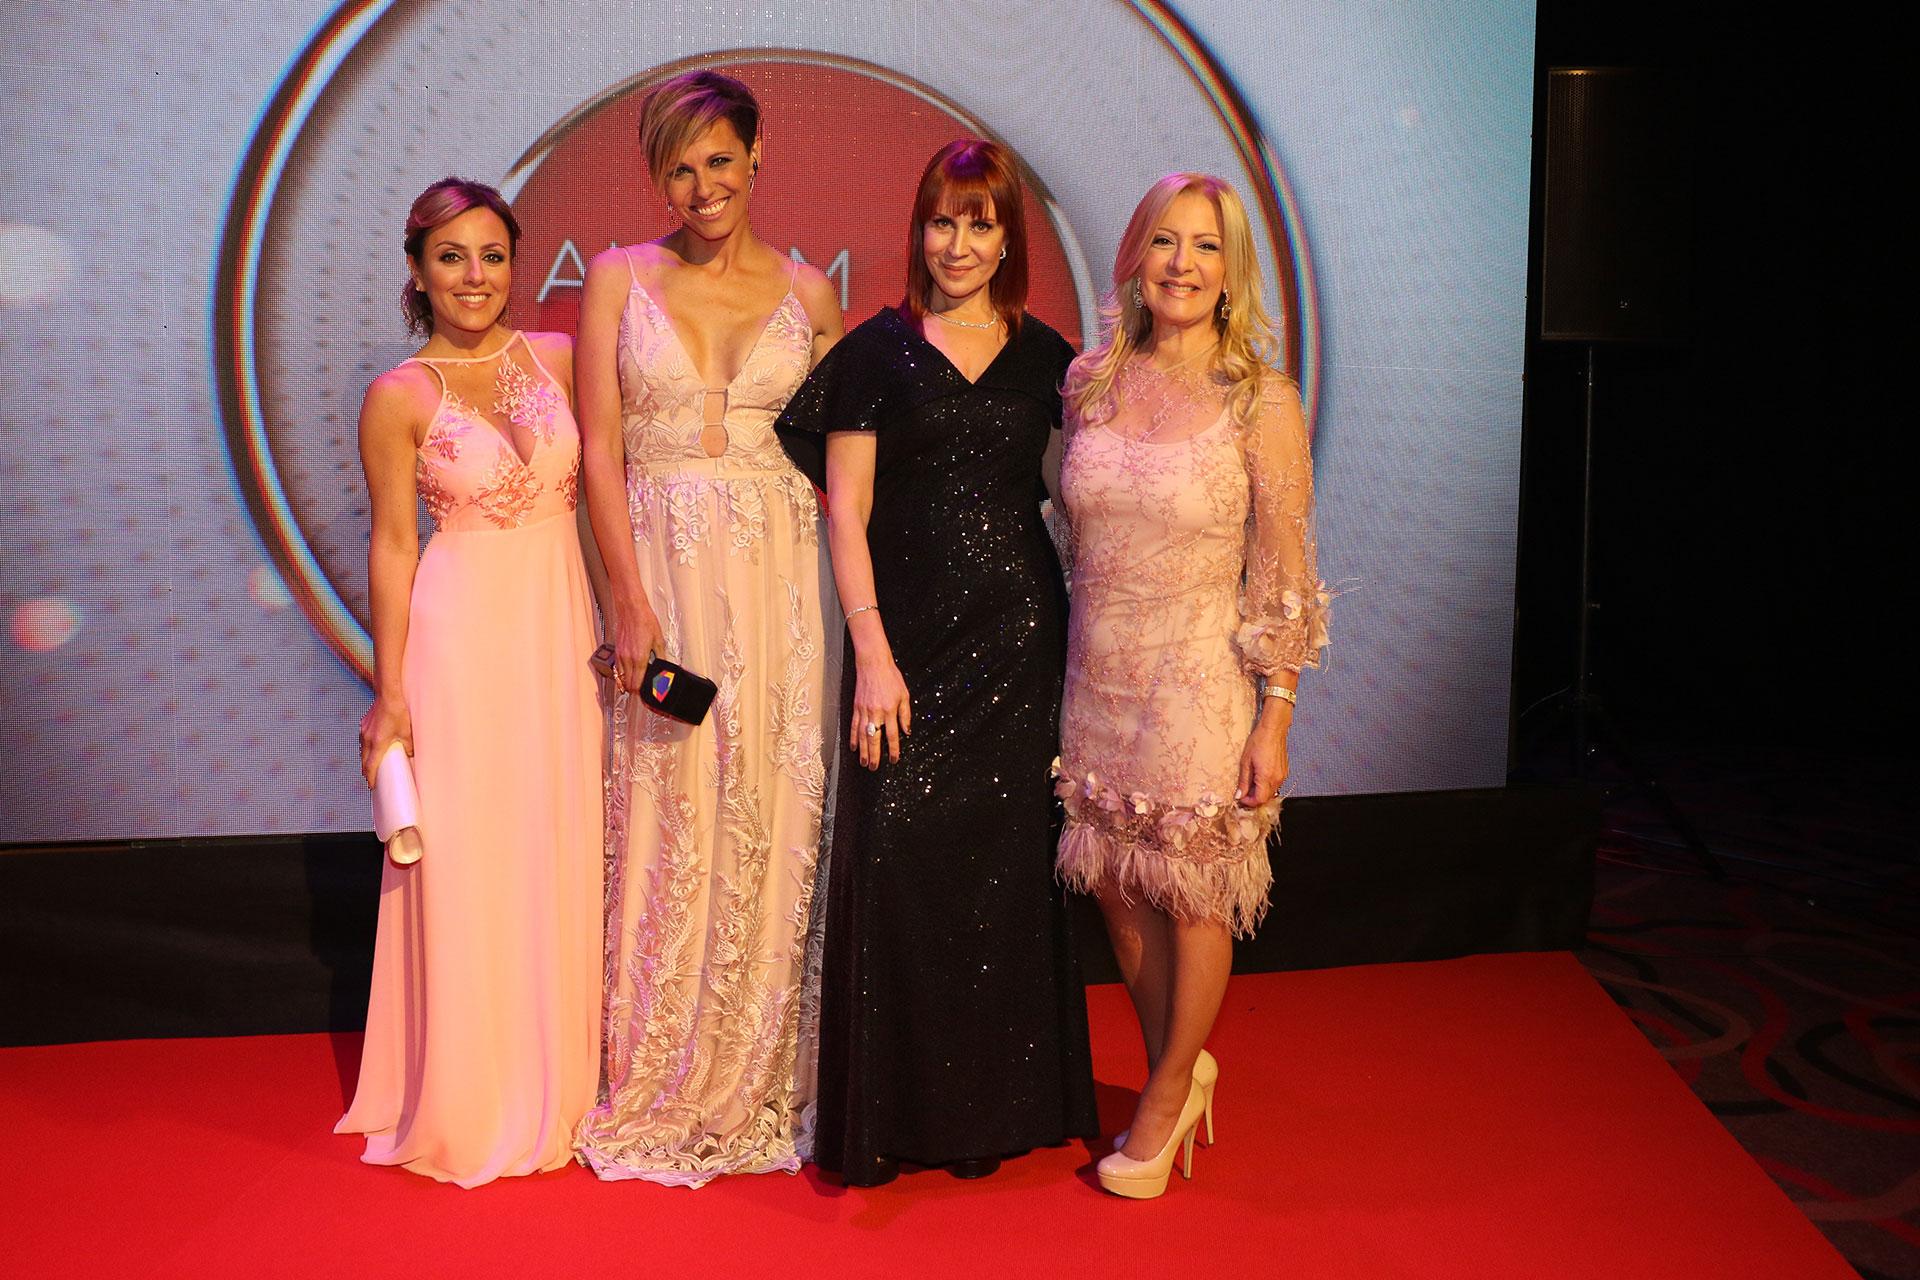 Cora Debarbieri, Denise Dumas, Matilda Blanco y Susana Roccasalvo, elegantísimas.